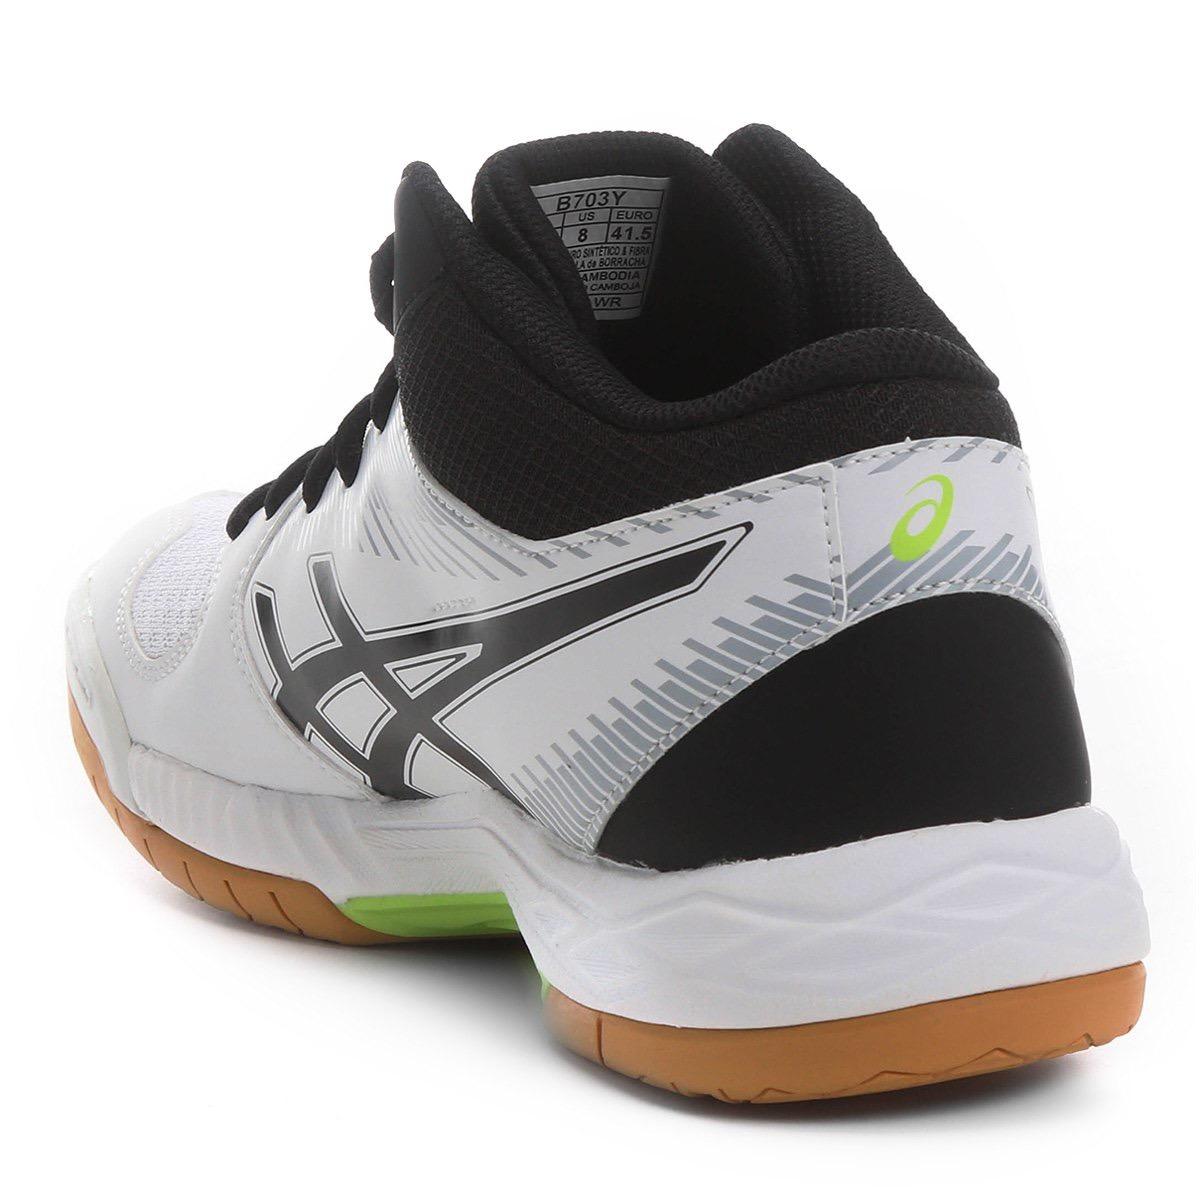 903df4fdcc tênis asics gel task mt preto e branco volei handebol futsal. Carregando  zoom.